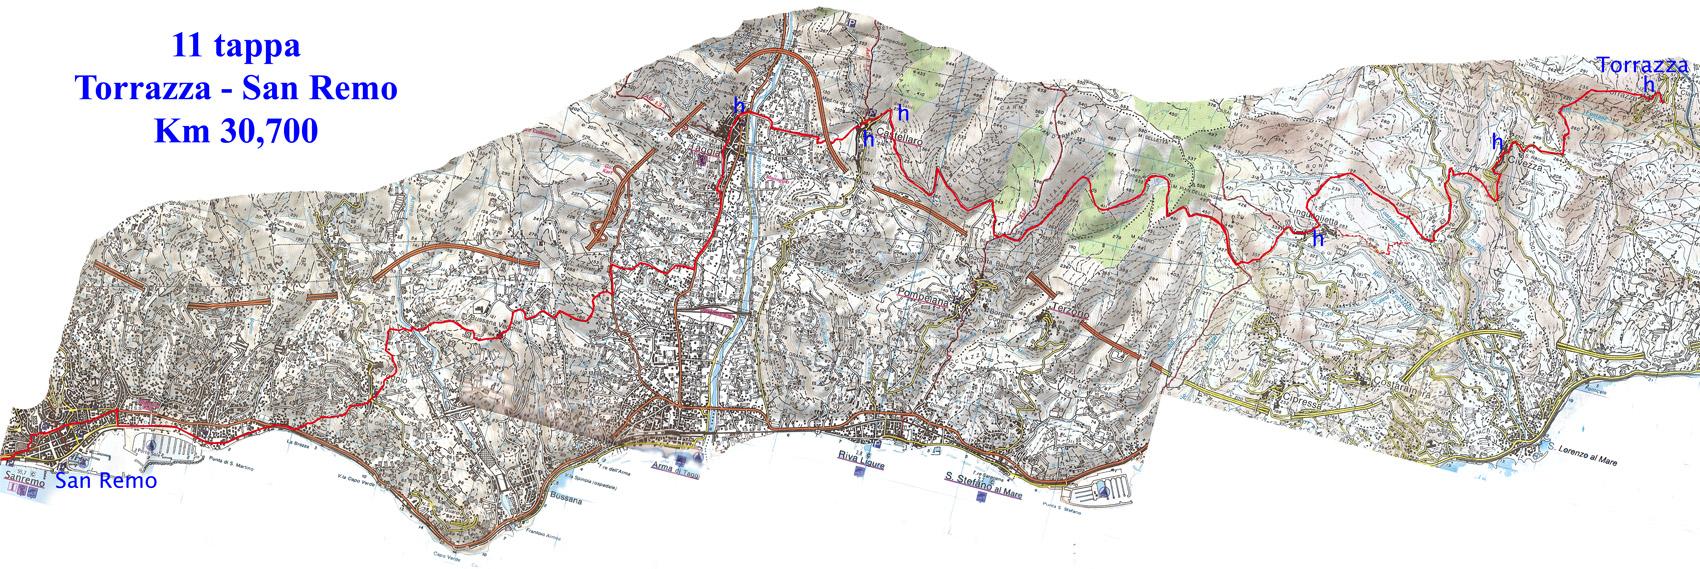 11 Torrazza-San Remo